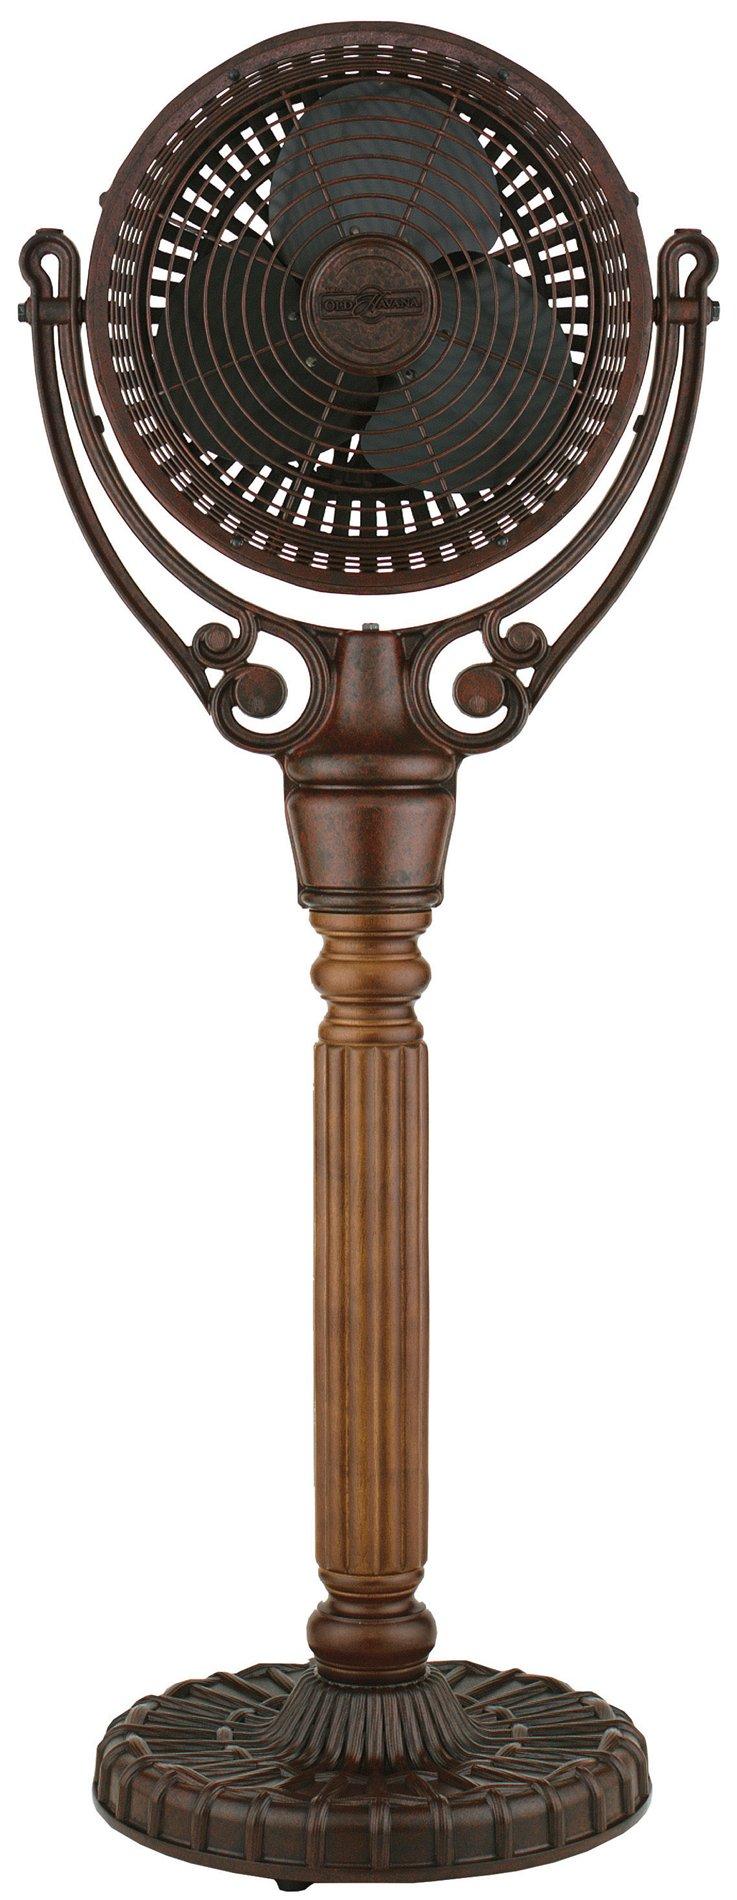 Fanimation Fph210 Old Havana Traditional Ceiling Fan Motor